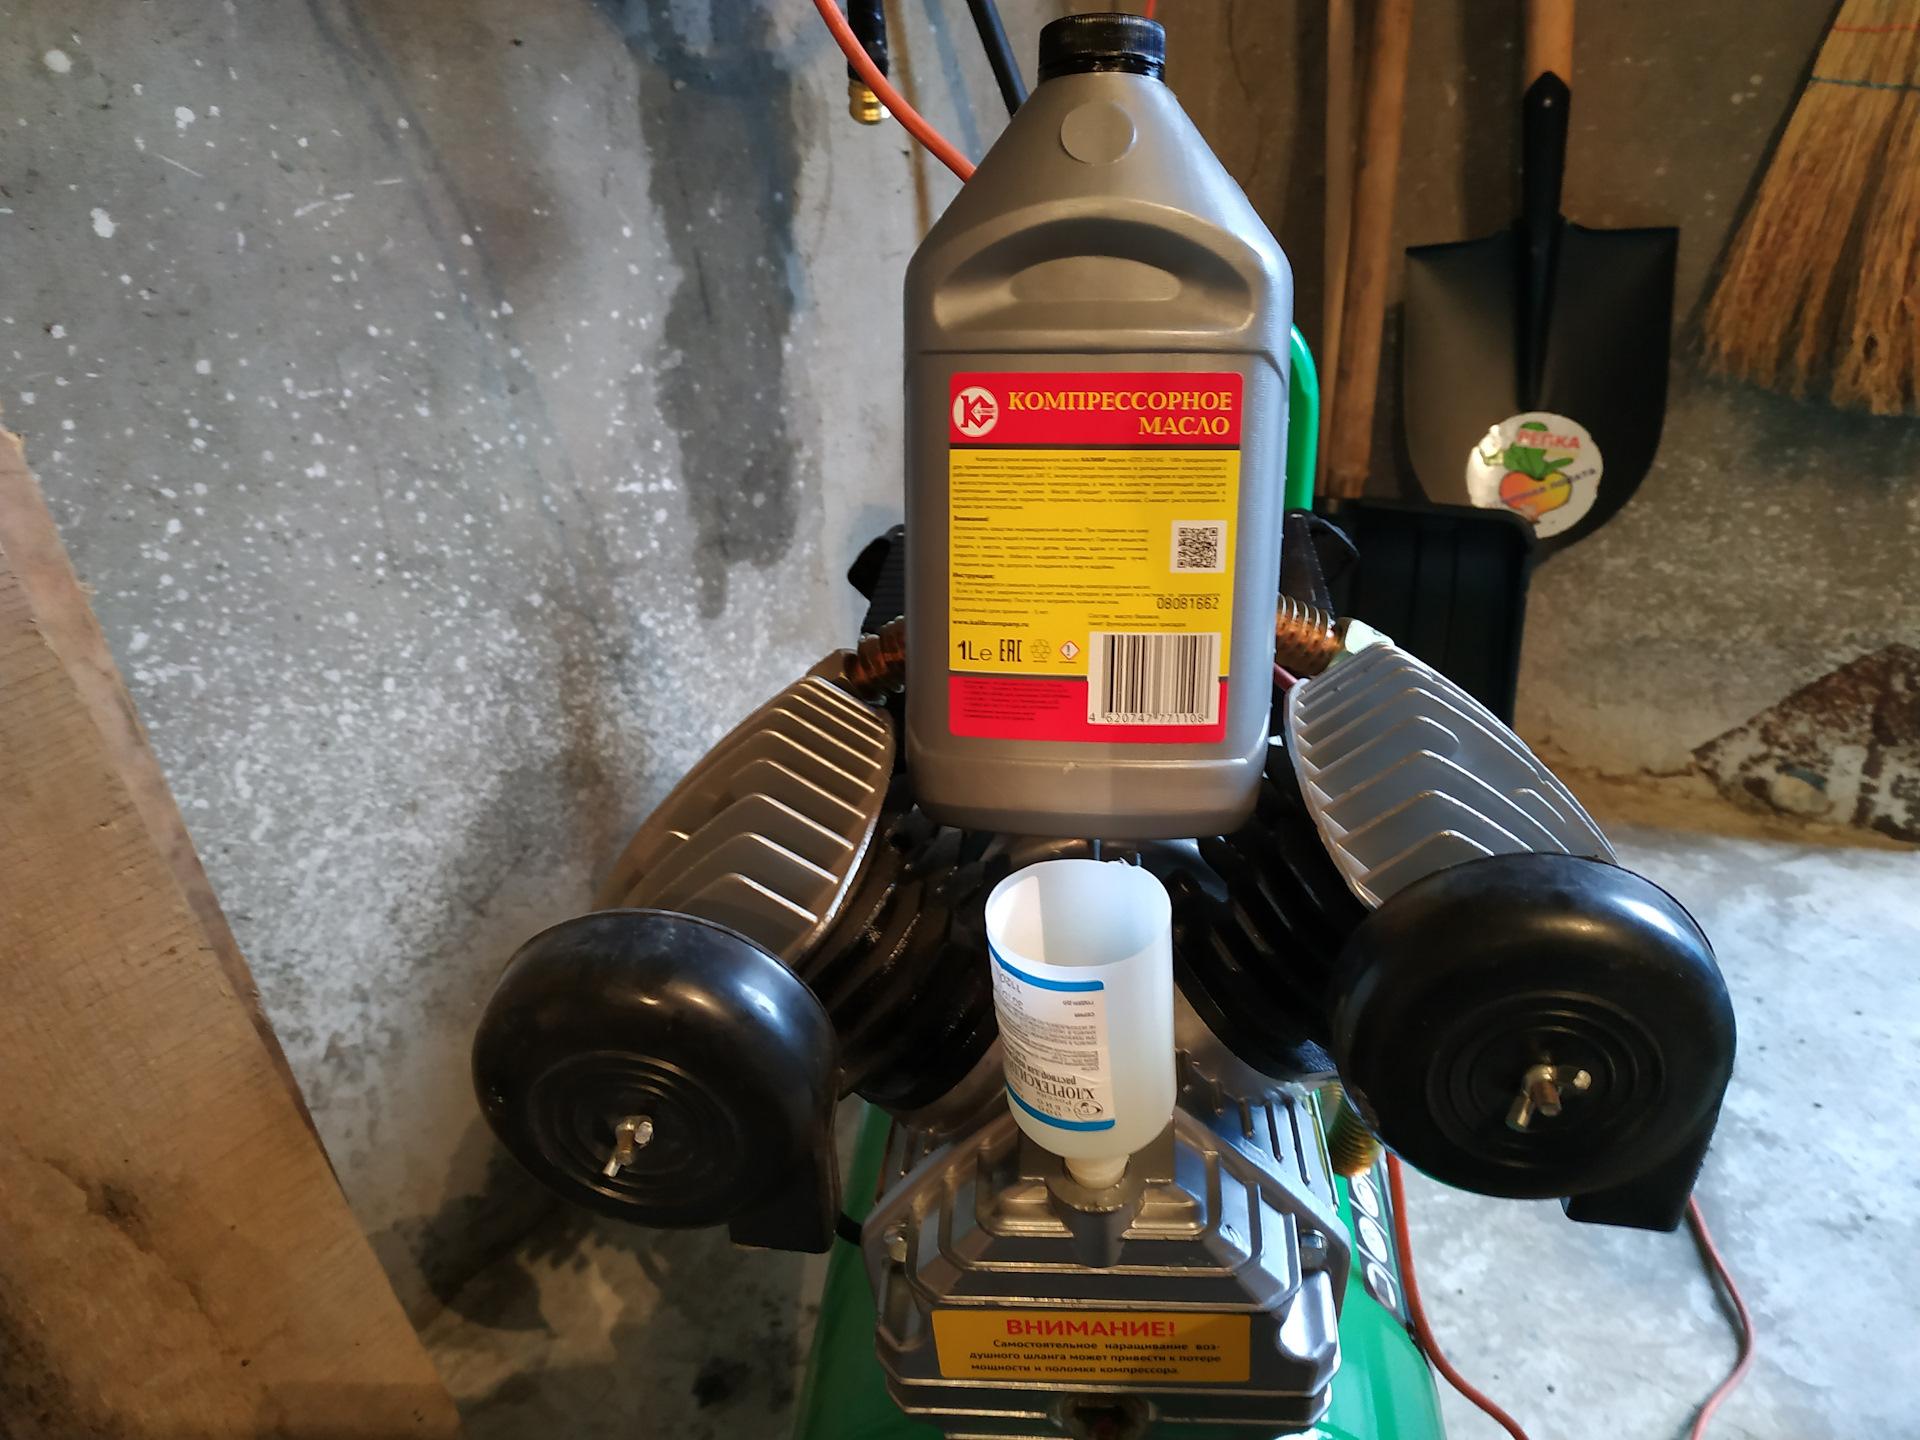 Можно ли в компрессор заливать автомобильное масло